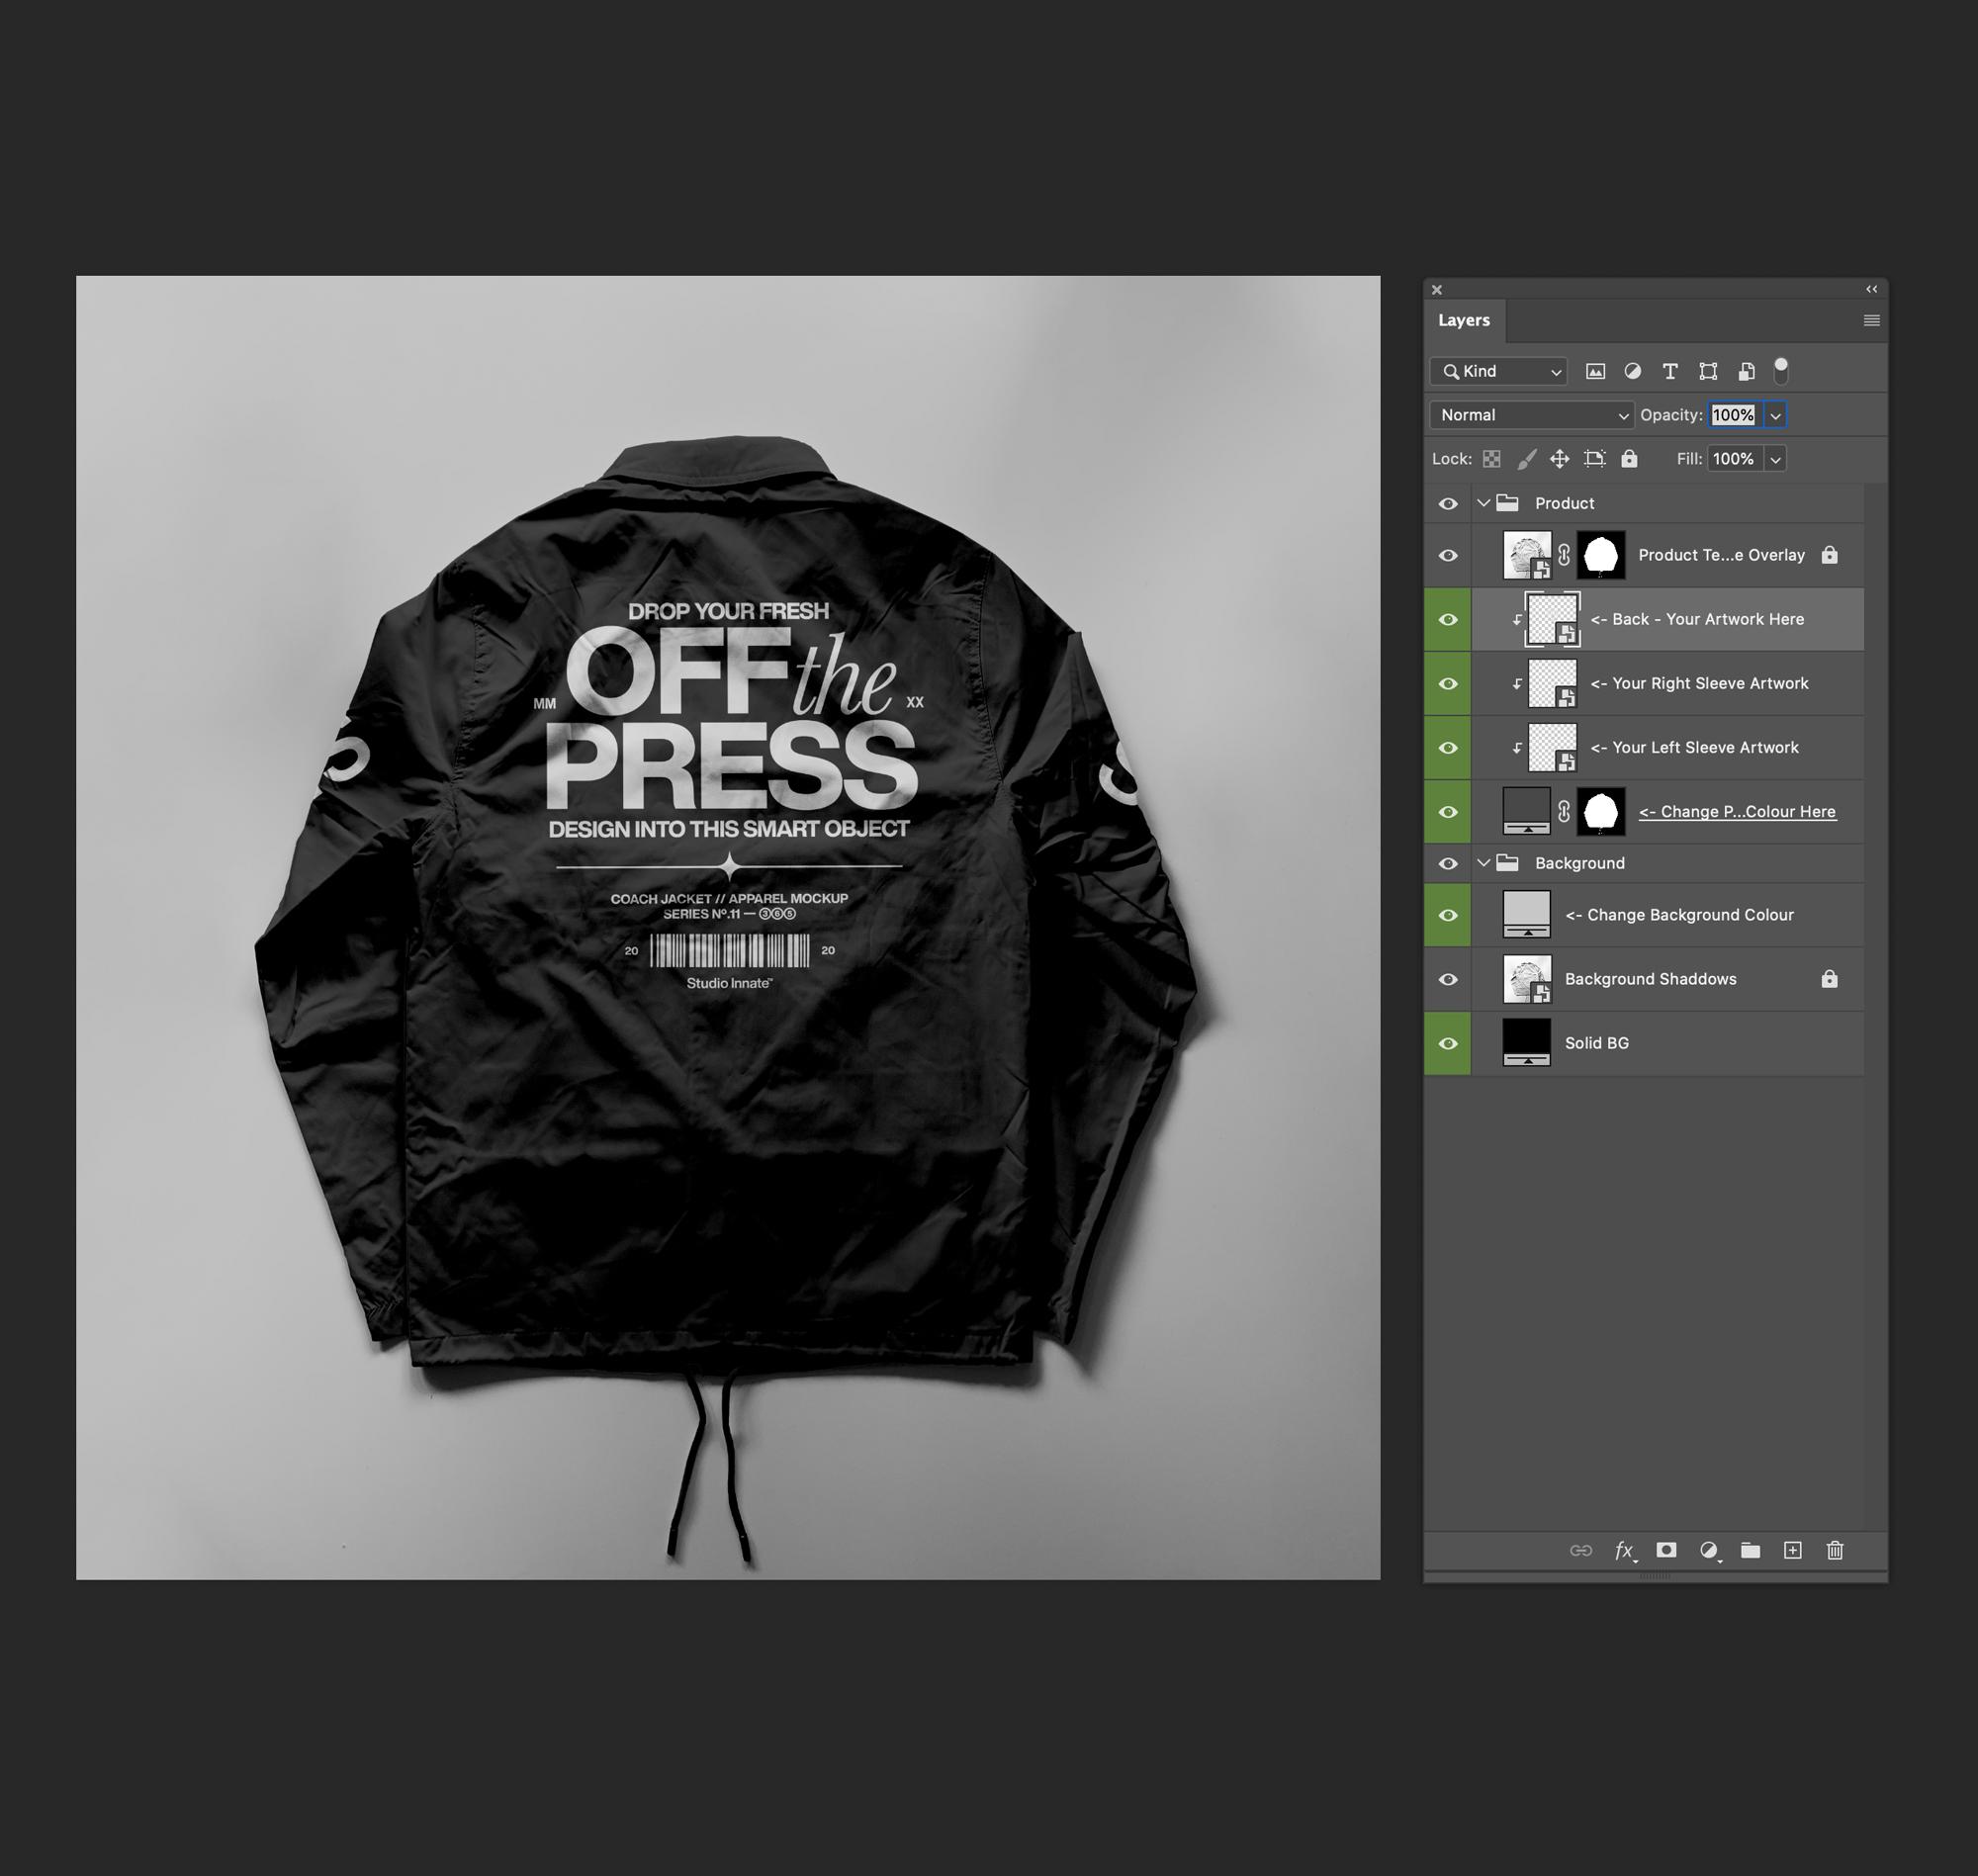 教练长袖夹克衫设计展示样机模板合集 Coach Jacket – Mockup Bundle插图(11)